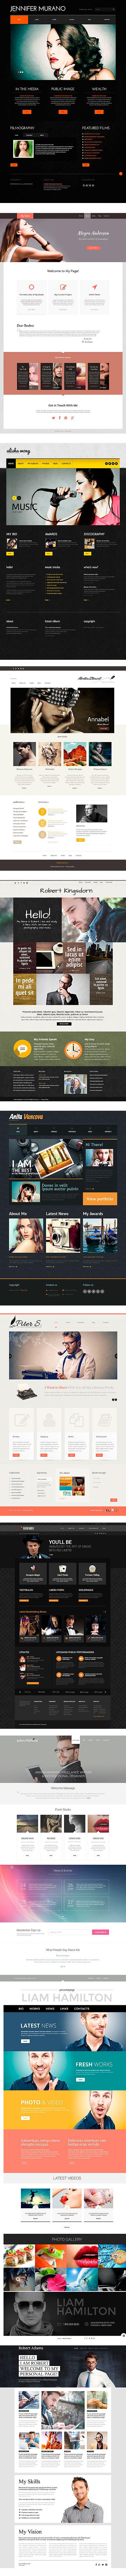 Заказ в Клайпеде персональных сайтов для адвокатов, музыкантов, моделей, консультантов - студия 24v7